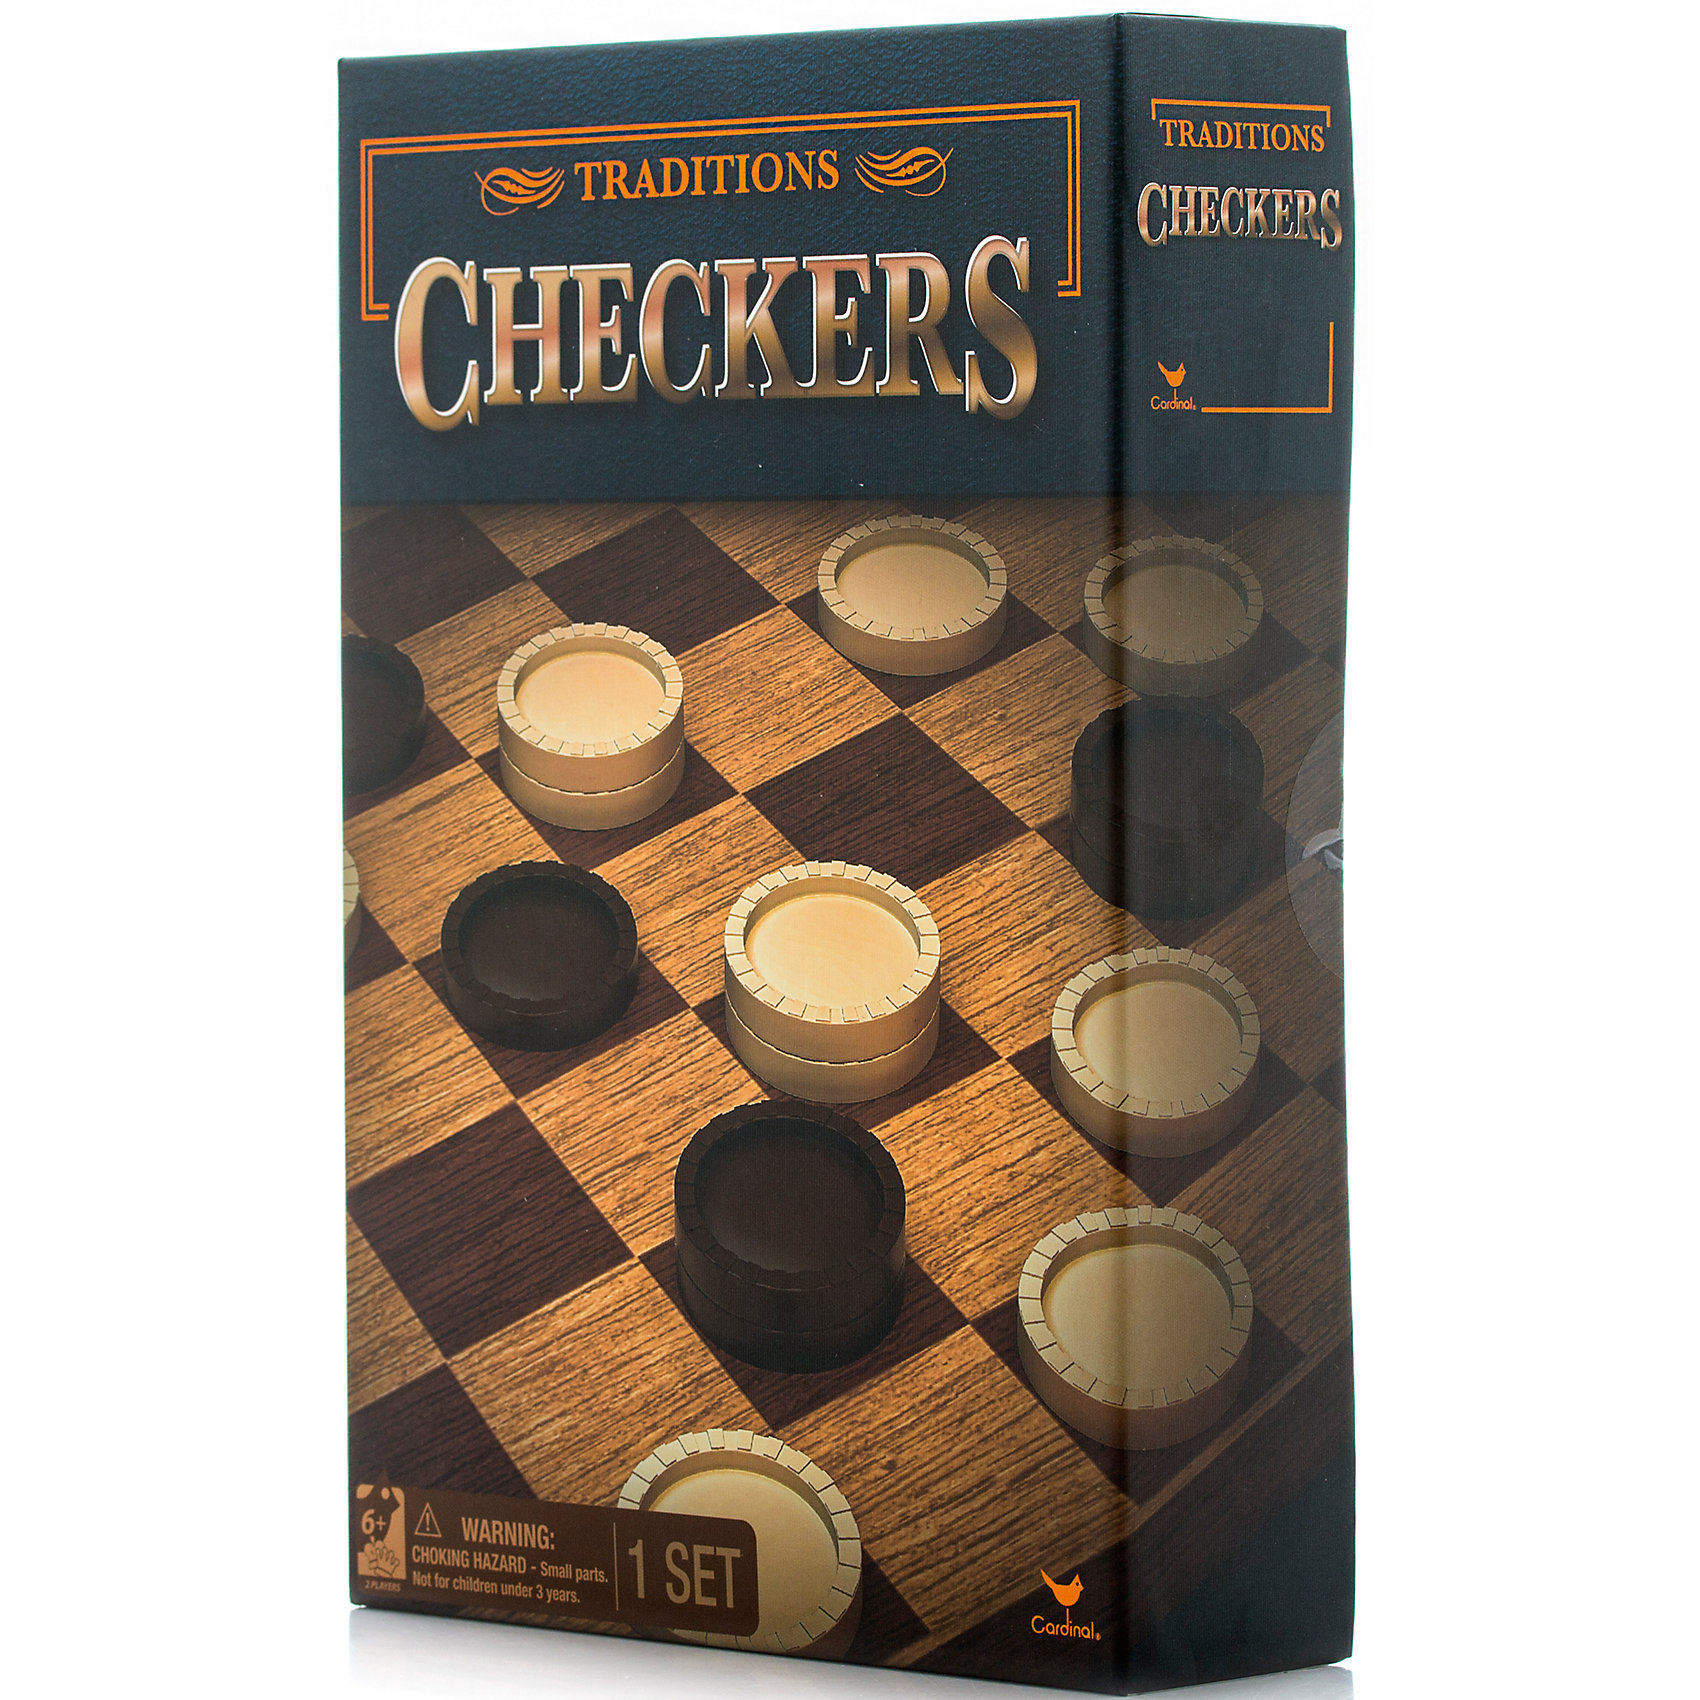 Шашки классические, Spin MasterСпортивные настольные игры<br>Характеристики товара:<br><br>• возраст от 6 лет;<br>• материал: картон, пластик;<br>• в комплекте: игровое поле, 12 белых фигур, 12 черных фигур;<br>• размер игрового поля 34х34 см;<br>• размер упаковки 21х21х6 см;<br>• страна производитель: Китай.<br><br>Шашки классические Spin Master позволят увлекательно и познавательно провести время в кругу семьи и друзей дома или в путешествии. Игра в шашки развивает интеллект, смекалку, тактику, логическое мышление, стратегическое мышление.<br><br>Шашки классические Spin Master можно приобрести в нашем интернет-магазине.<br><br>Ширина мм: 210<br>Глубина мм: 60<br>Высота мм: 210<br>Вес г: 413<br>Возраст от месяцев: 60<br>Возраст до месяцев: 2147483647<br>Пол: Унисекс<br>Возраст: Детский<br>SKU: 6728768